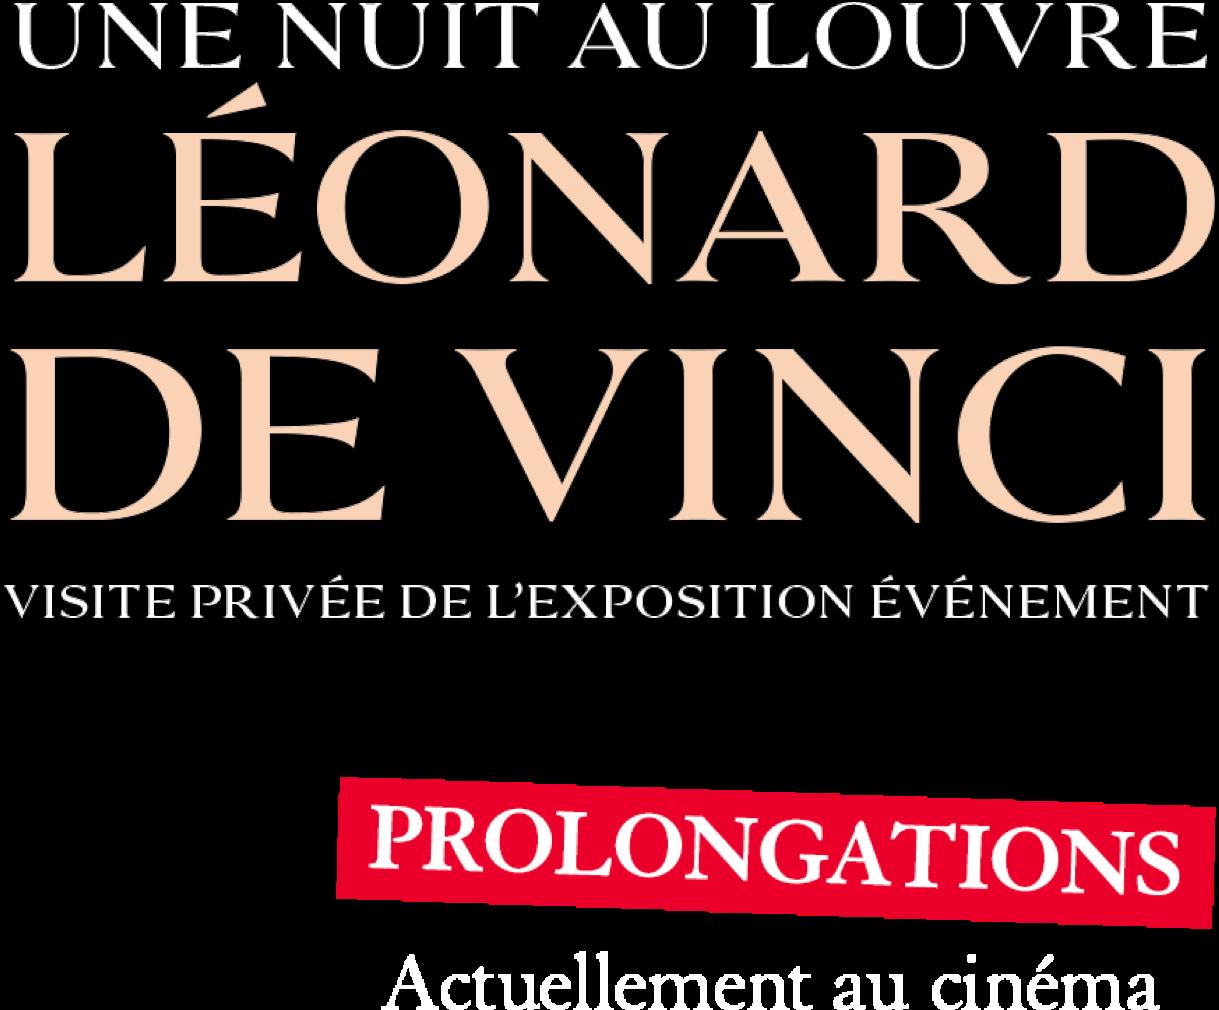 Logo titre pour Une nuit au Louvre: Léonard de Vinci